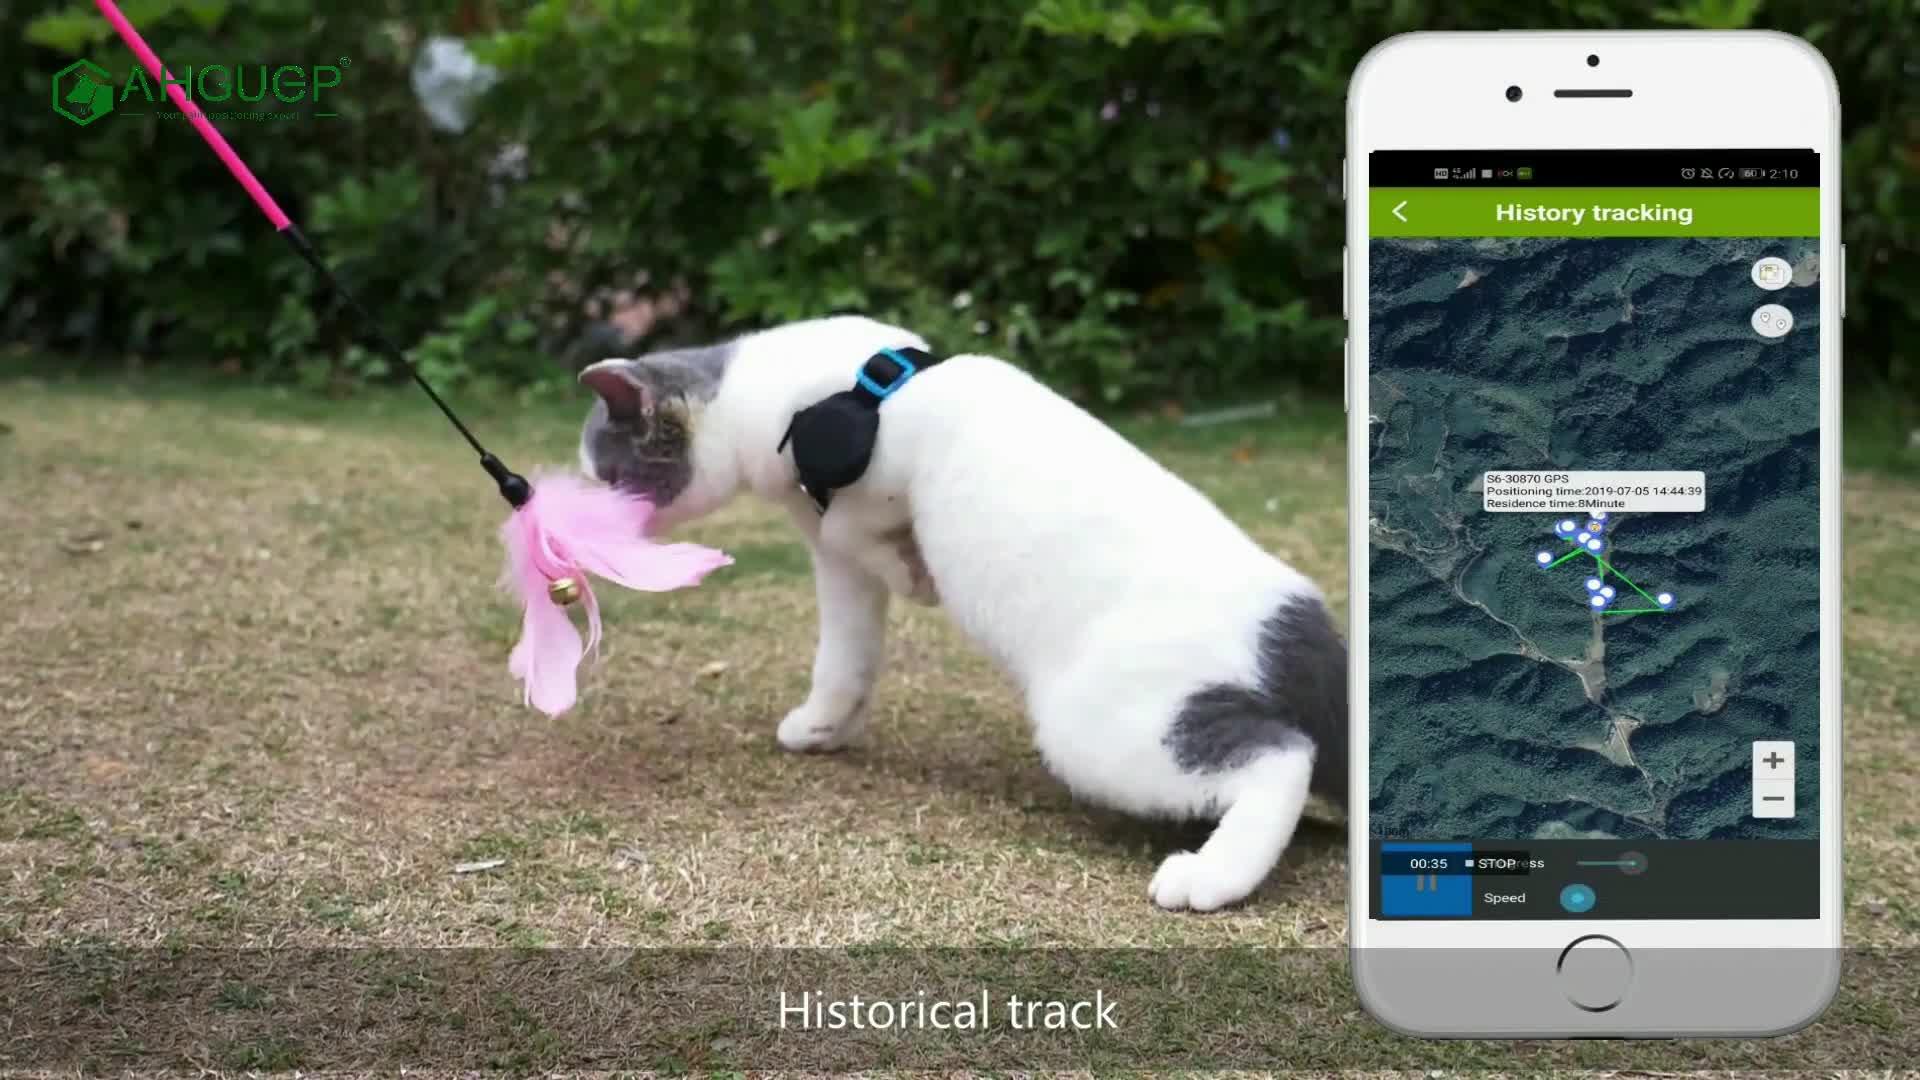 Atividade AHGUEP à prova d' água micro localizador sistema de dispositivo de rastreamento mini localizador gps tracker